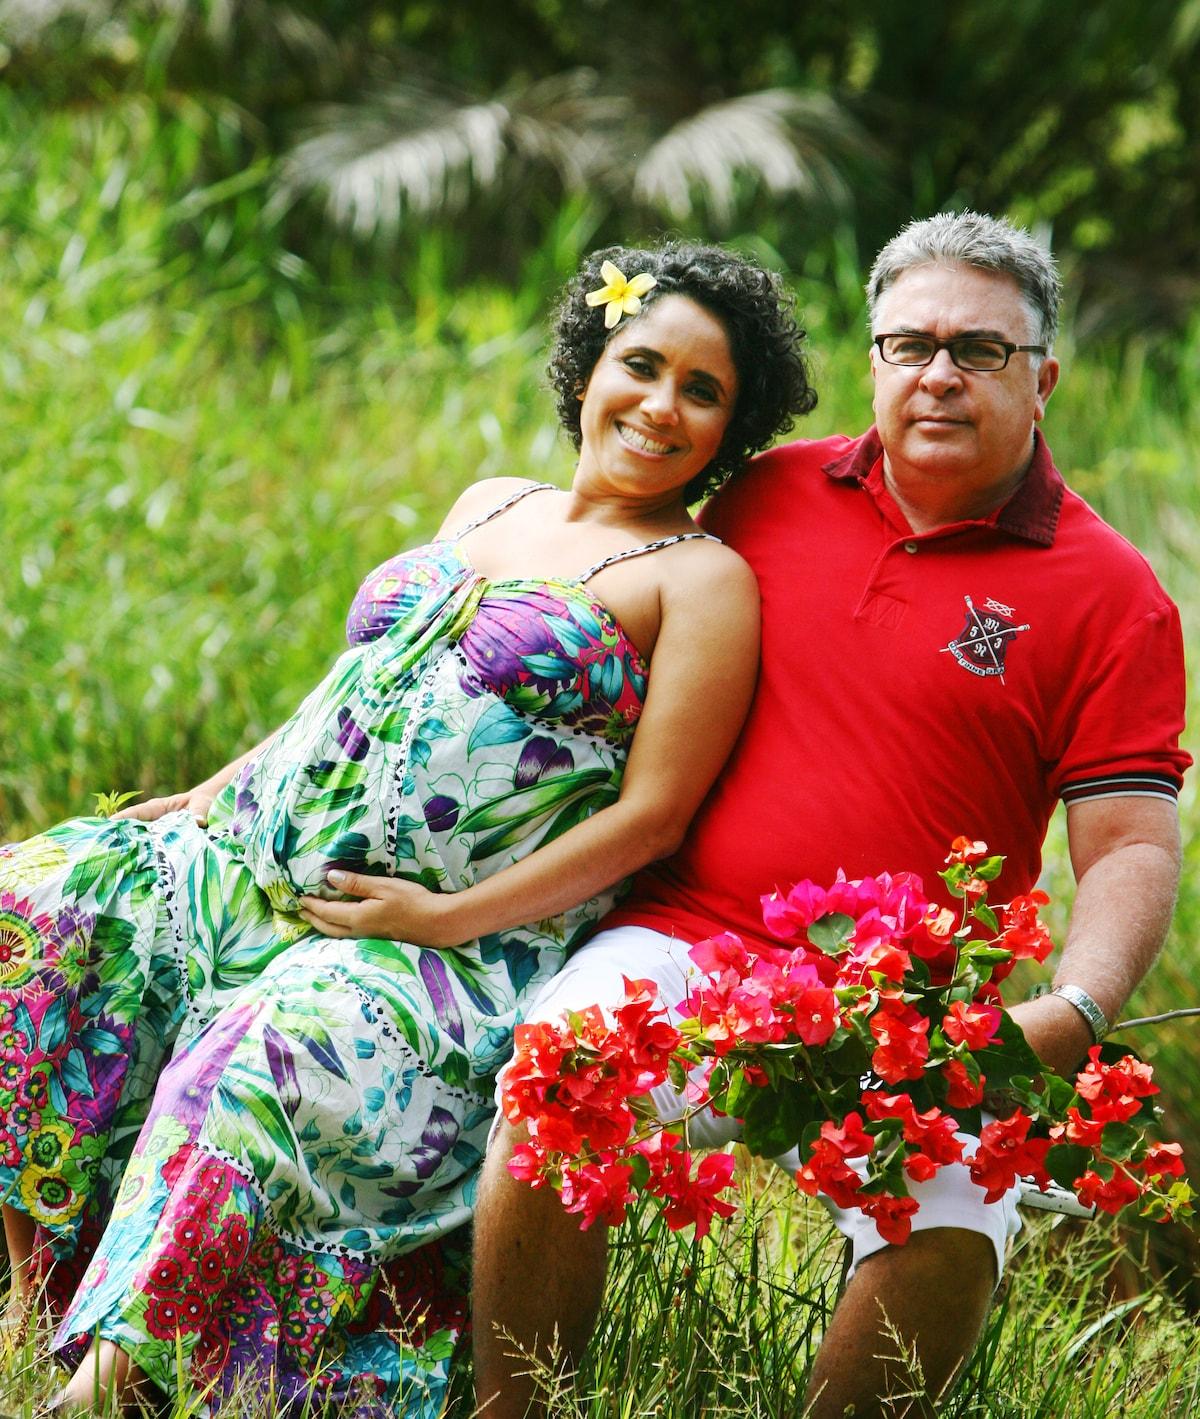 Roland e Débora são casados desde 2002, possuem um